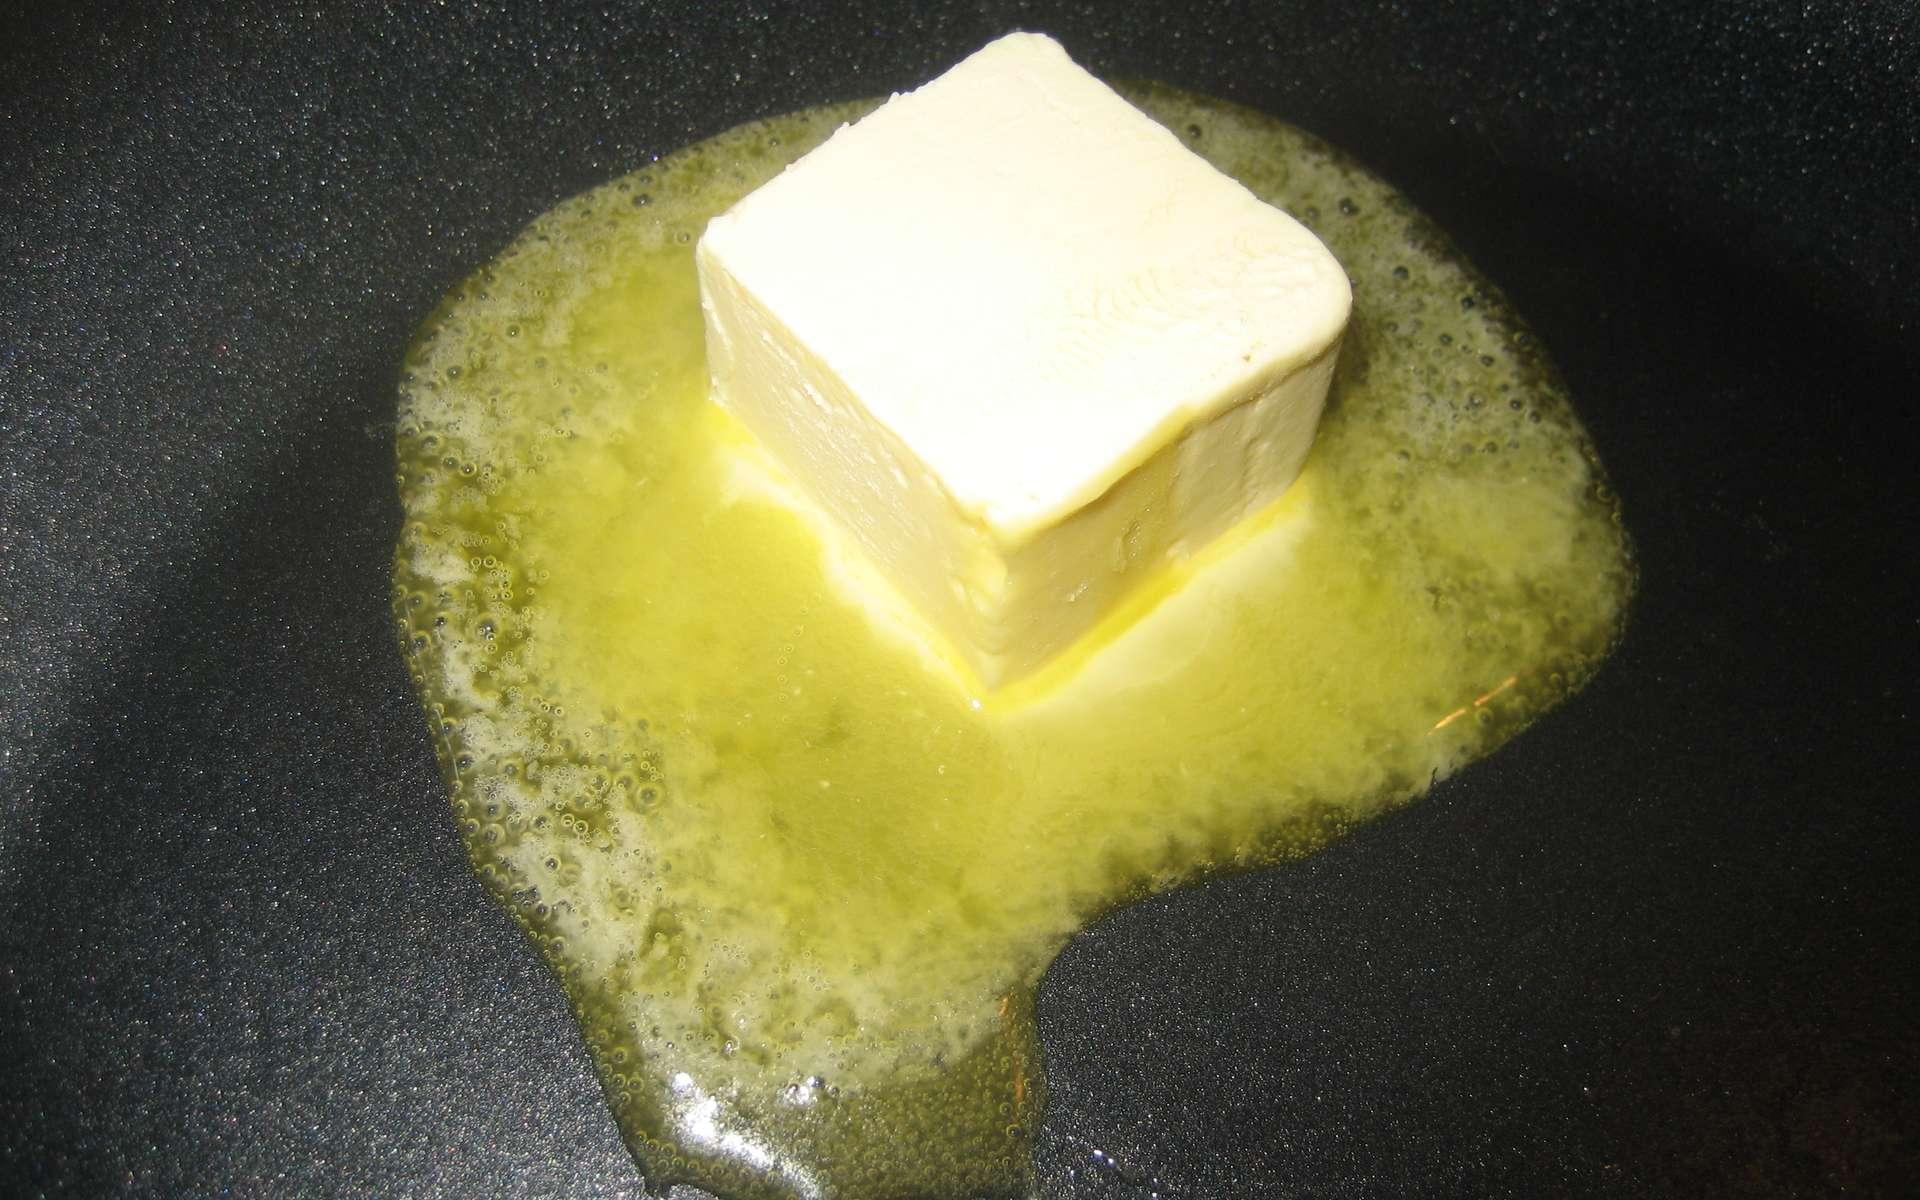 Certaines margarines sont produites par hydrogénation de matières grasses originellement liquides. © Peter Hinsdale, Flickr, CC by-nc-nd 2.0